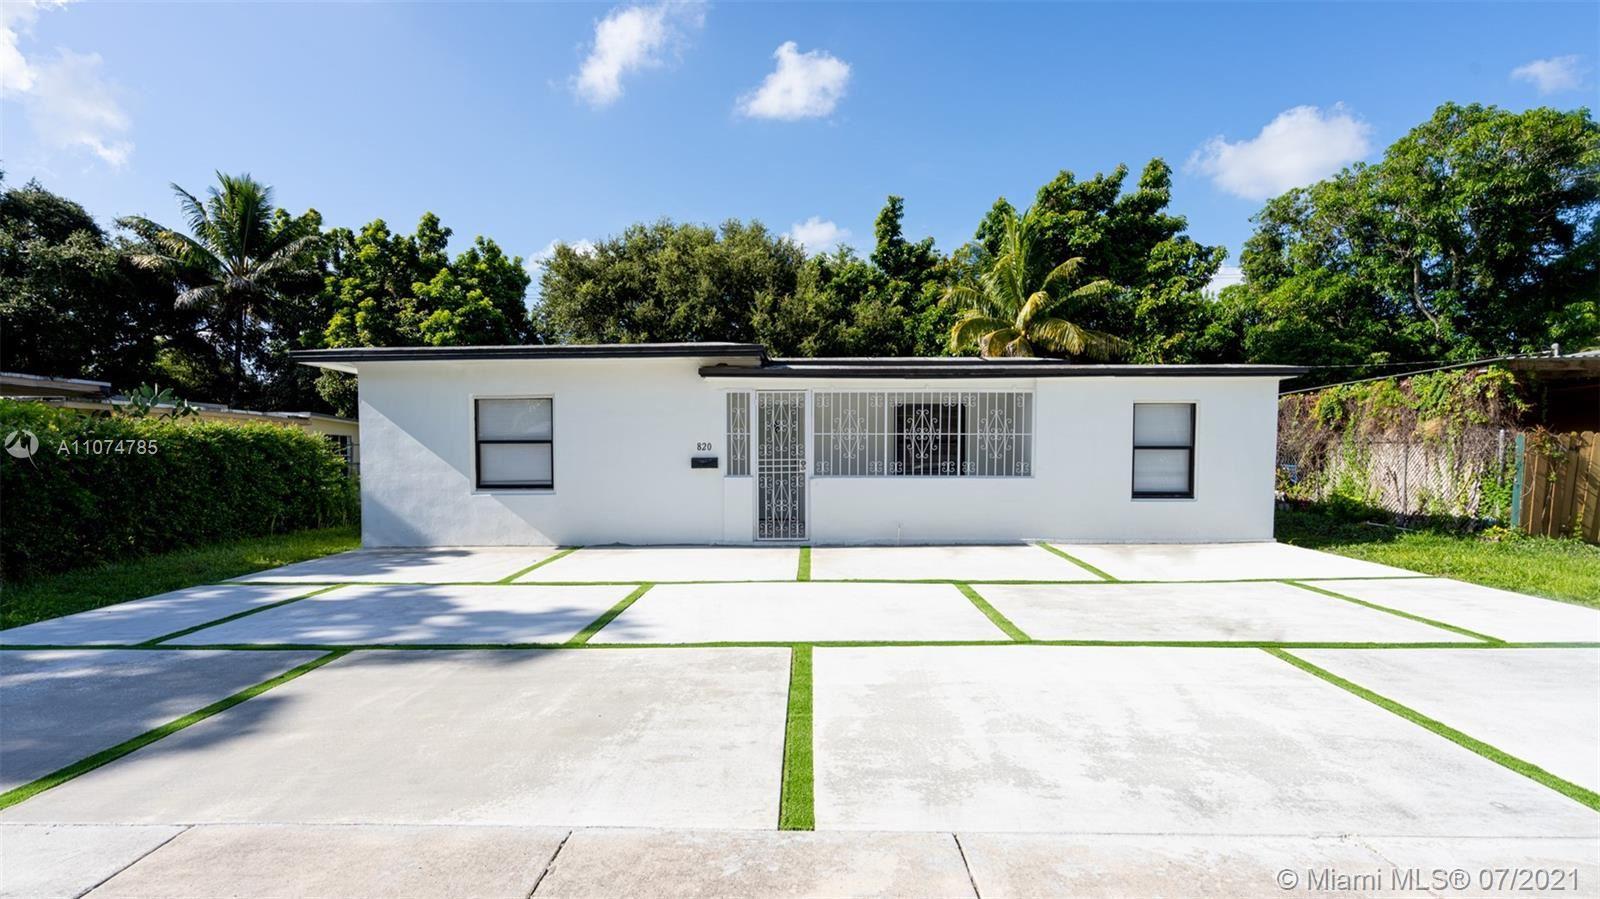 Photo of 820 NE 143rd St, North Miami, FL 33161 (MLS # A11074785)